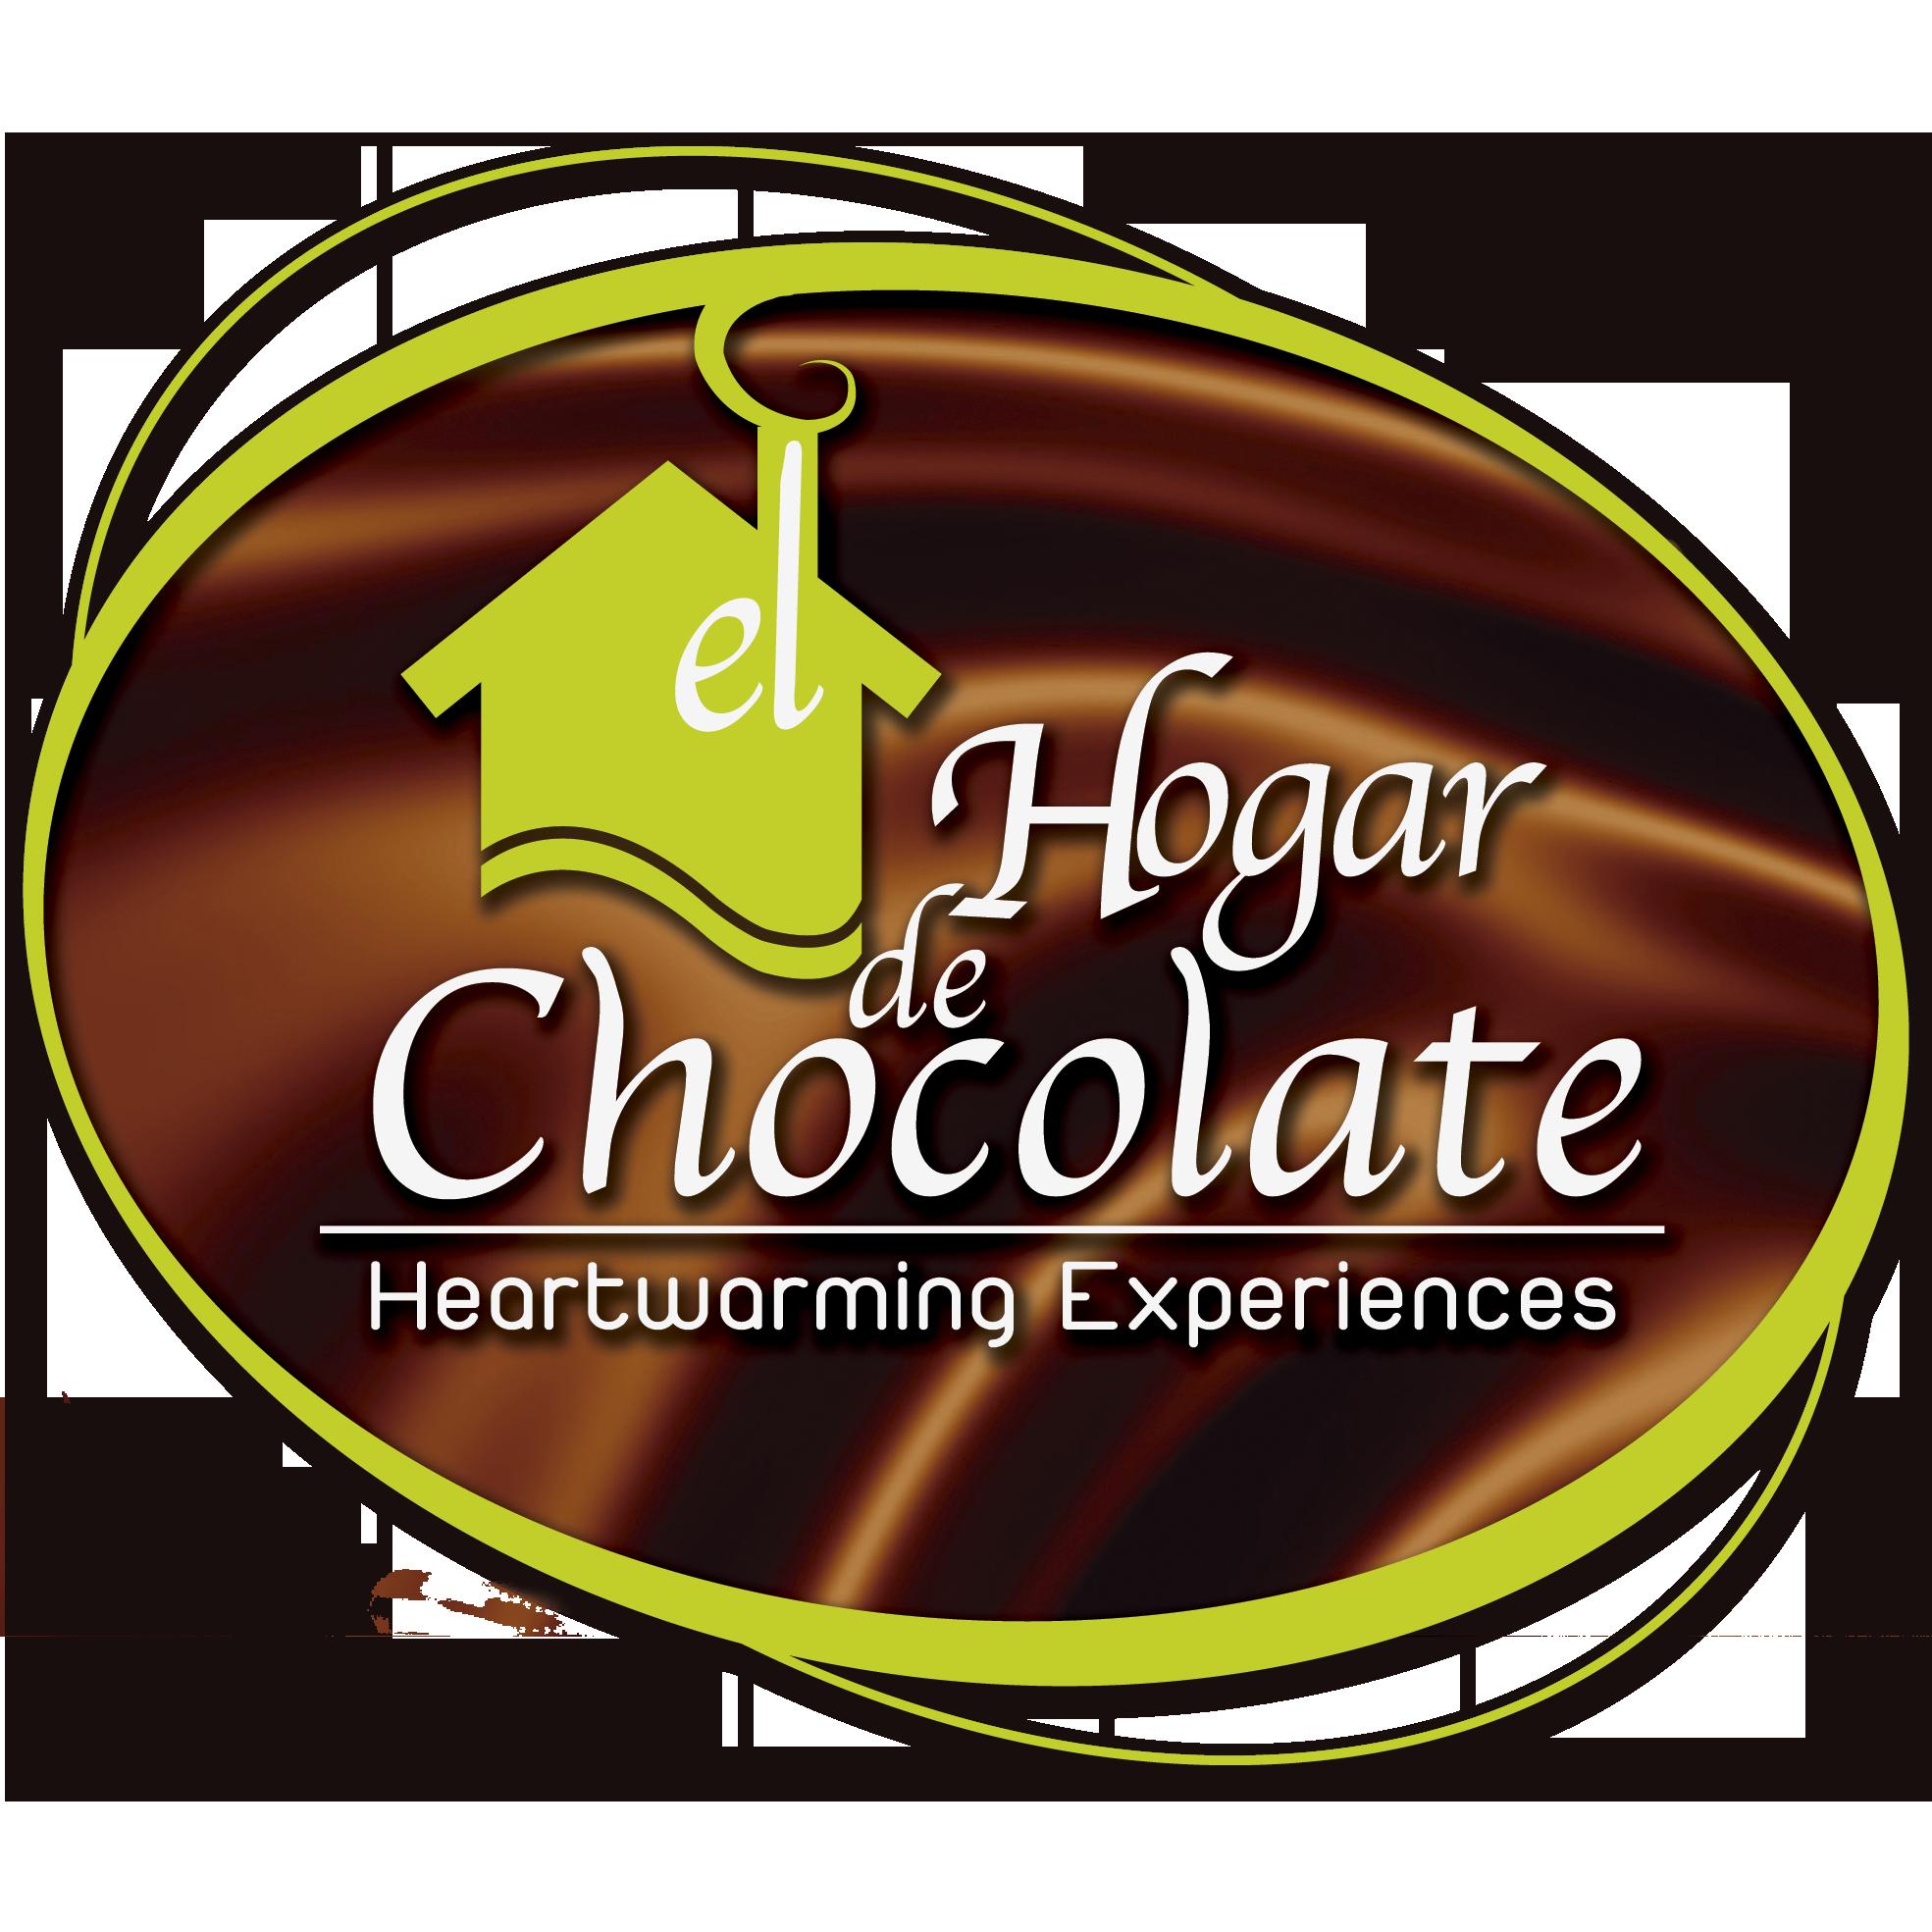 El Hogar de Chocolate